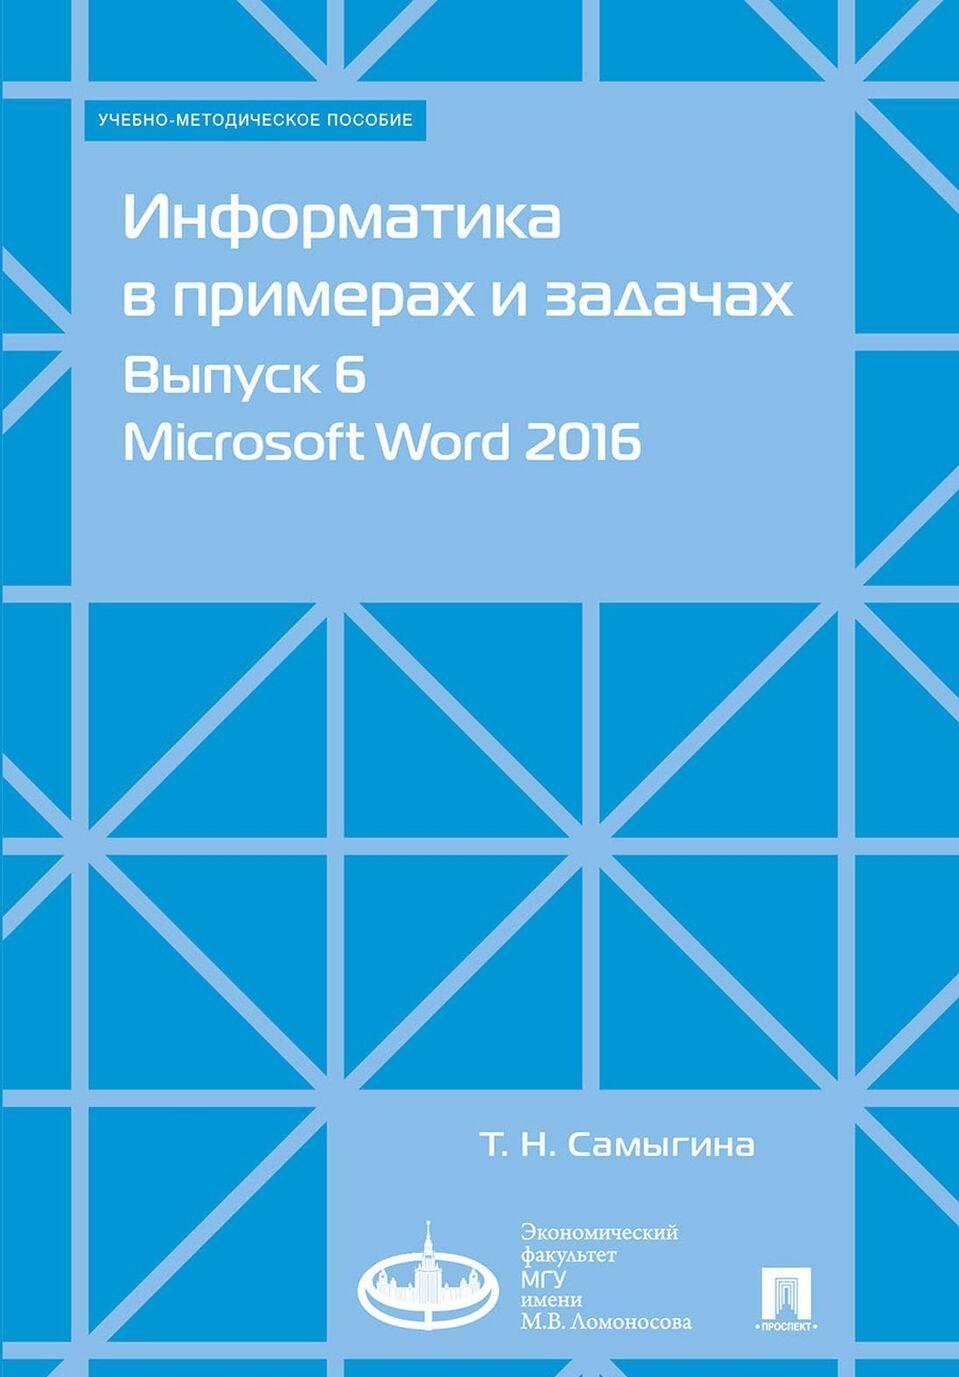 Informatika v primerakh i zadachakh. Vypusk 6. Microsoft Word 2016. Uchebno-metodicheskoe posobie